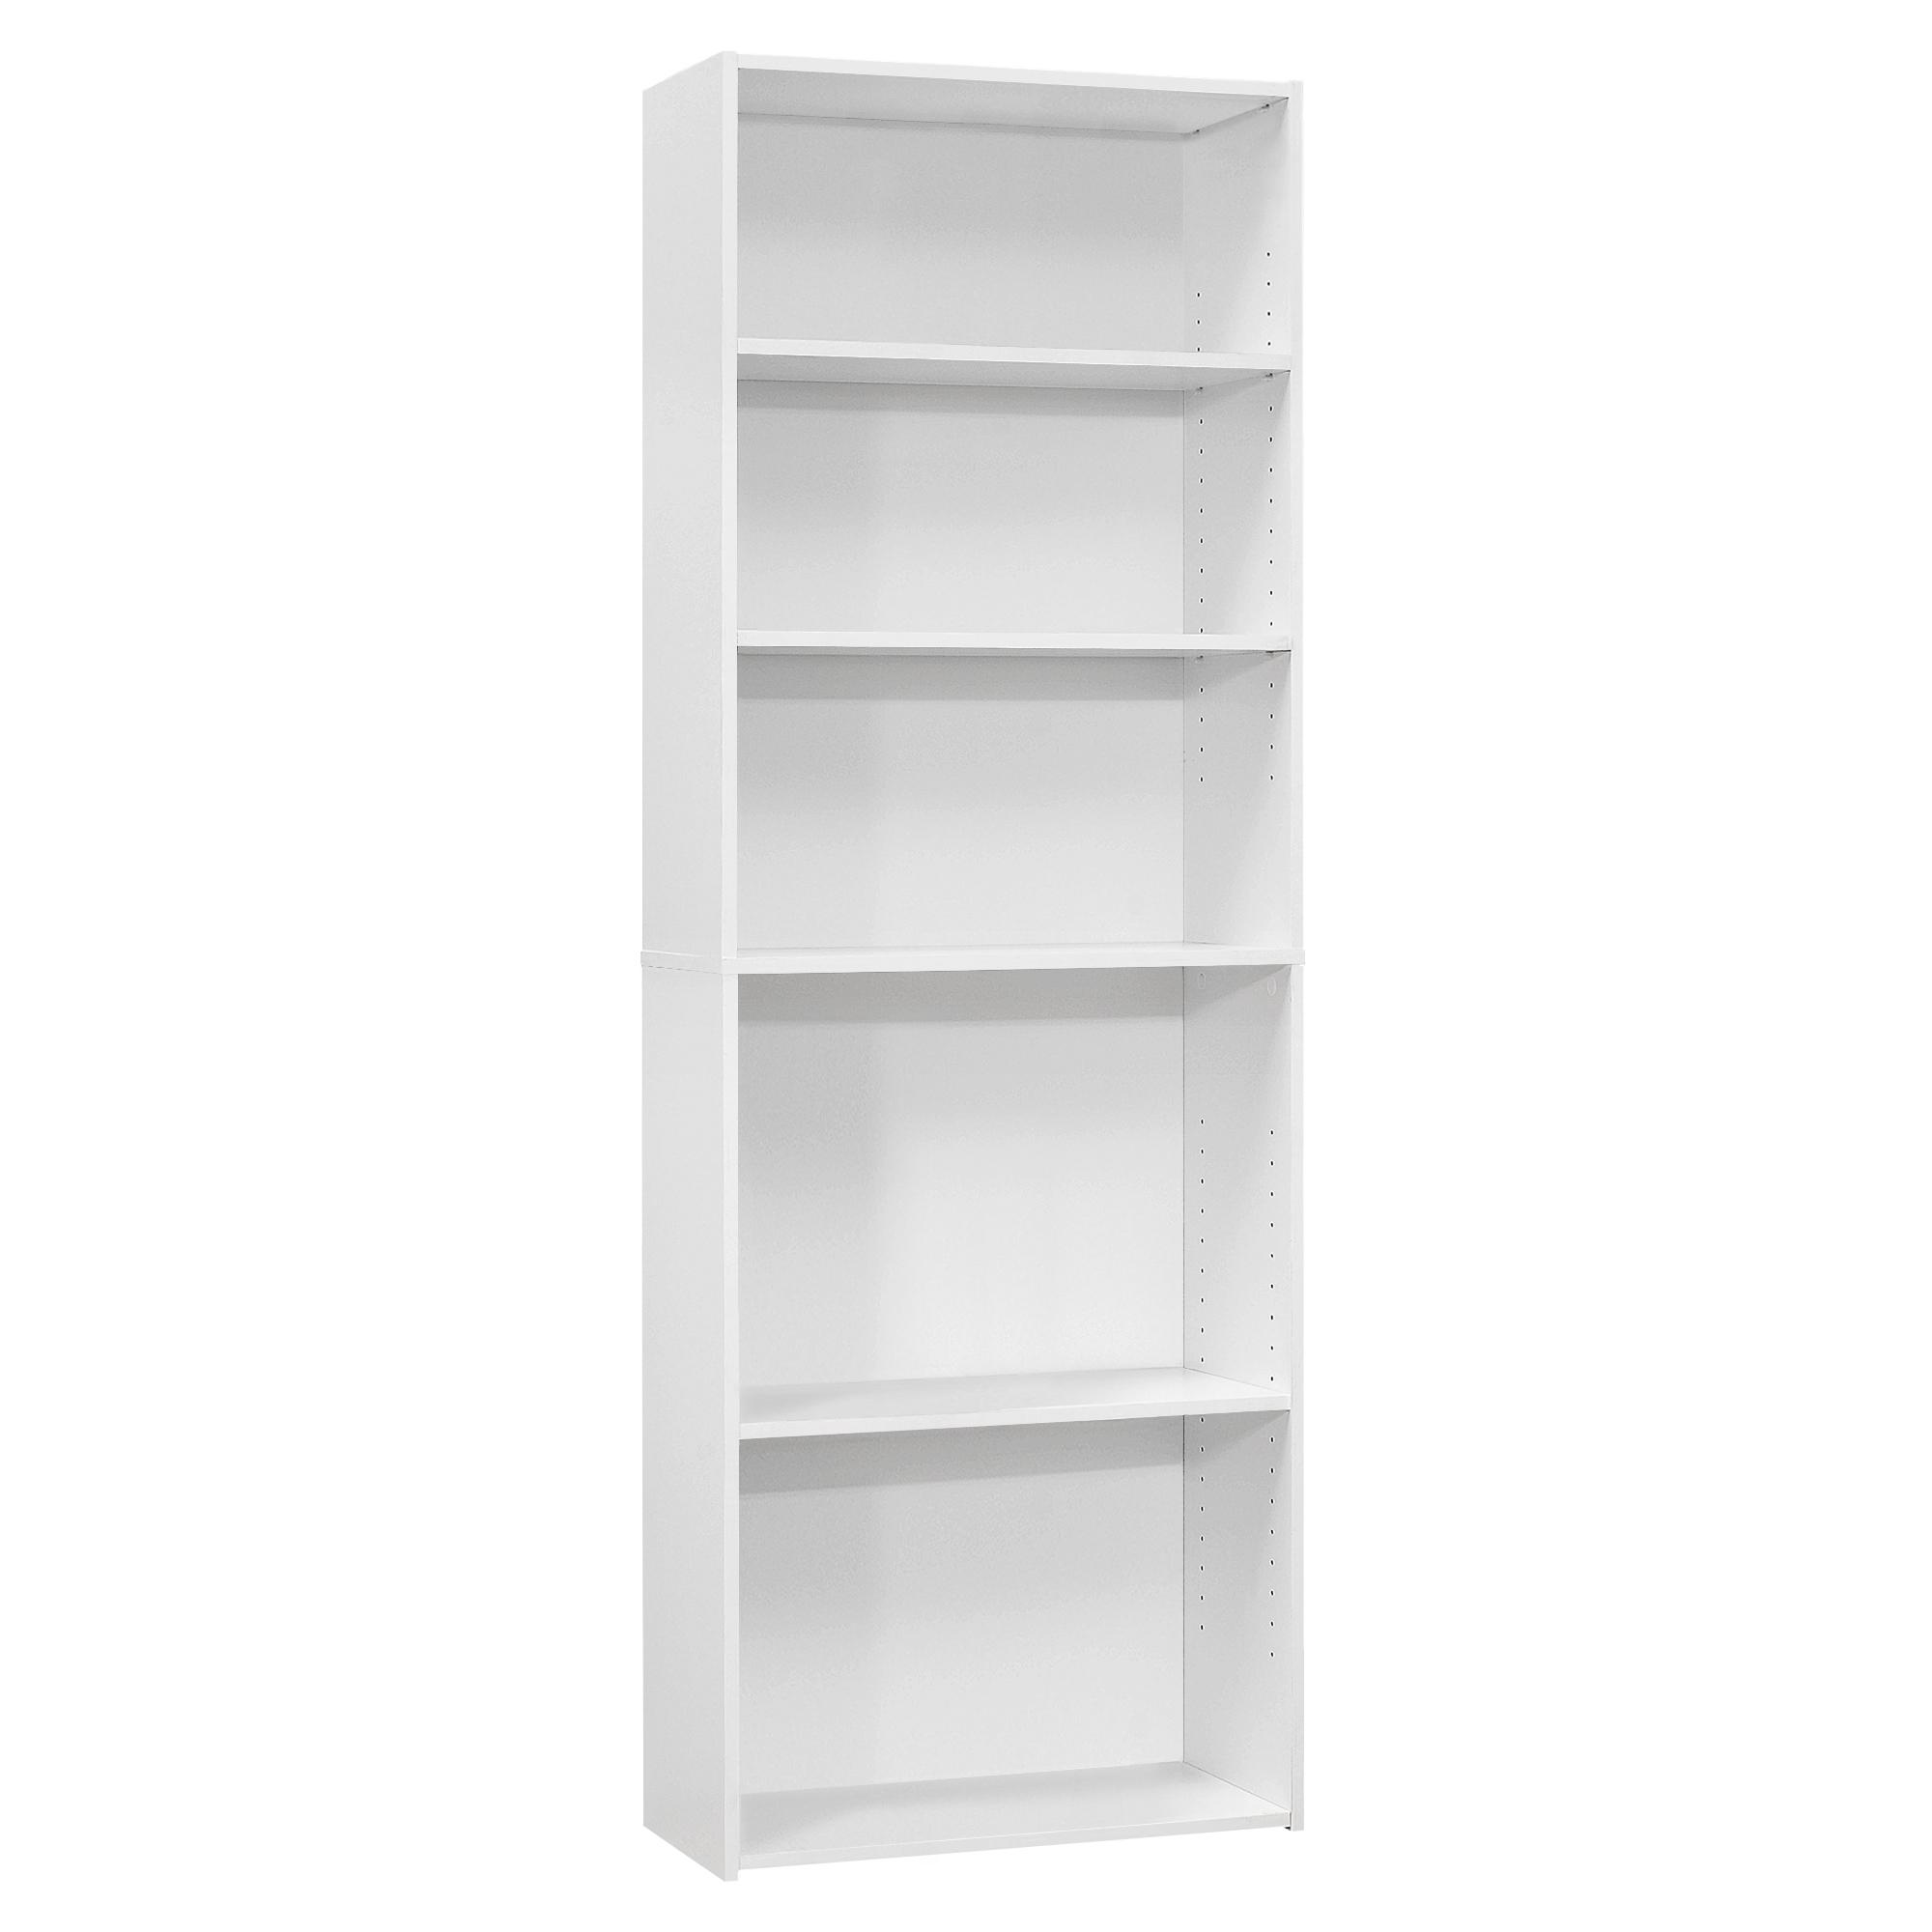 """11.75"""" x 24.75"""" x 71.25"""" White 5 Shelves  Bookcase"""